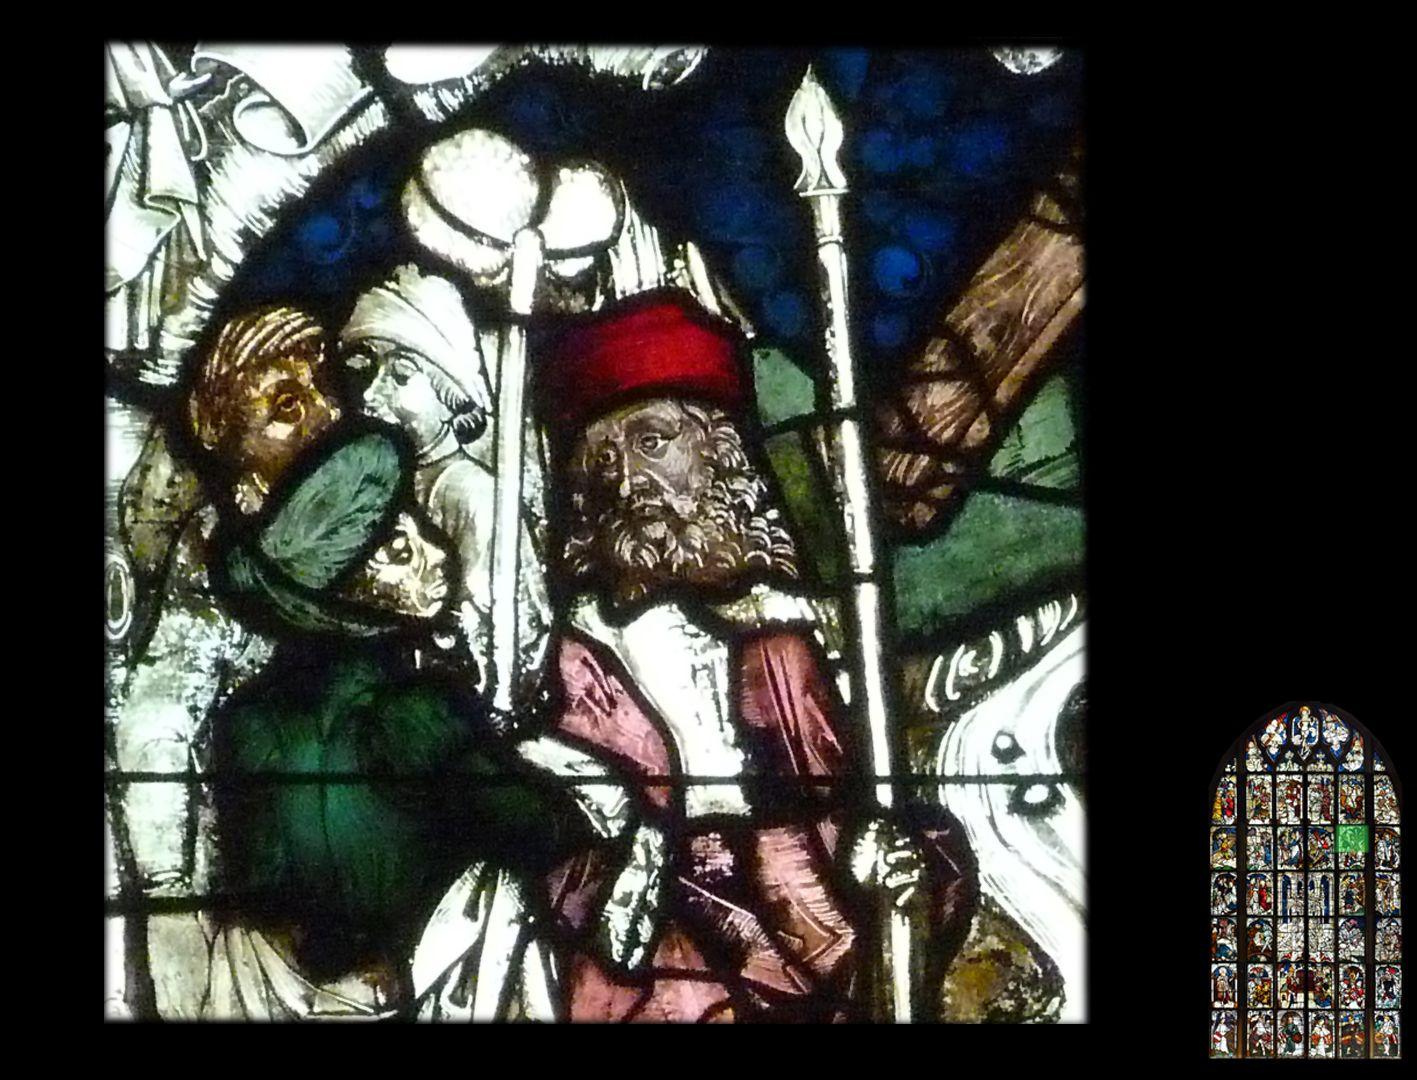 Kaiserfenster Übergabe des Kreuzes an Kaiserin Helena, Detail mit dem Trägern des Stabes mit dem Essigschwamm und der heiligen Lanze